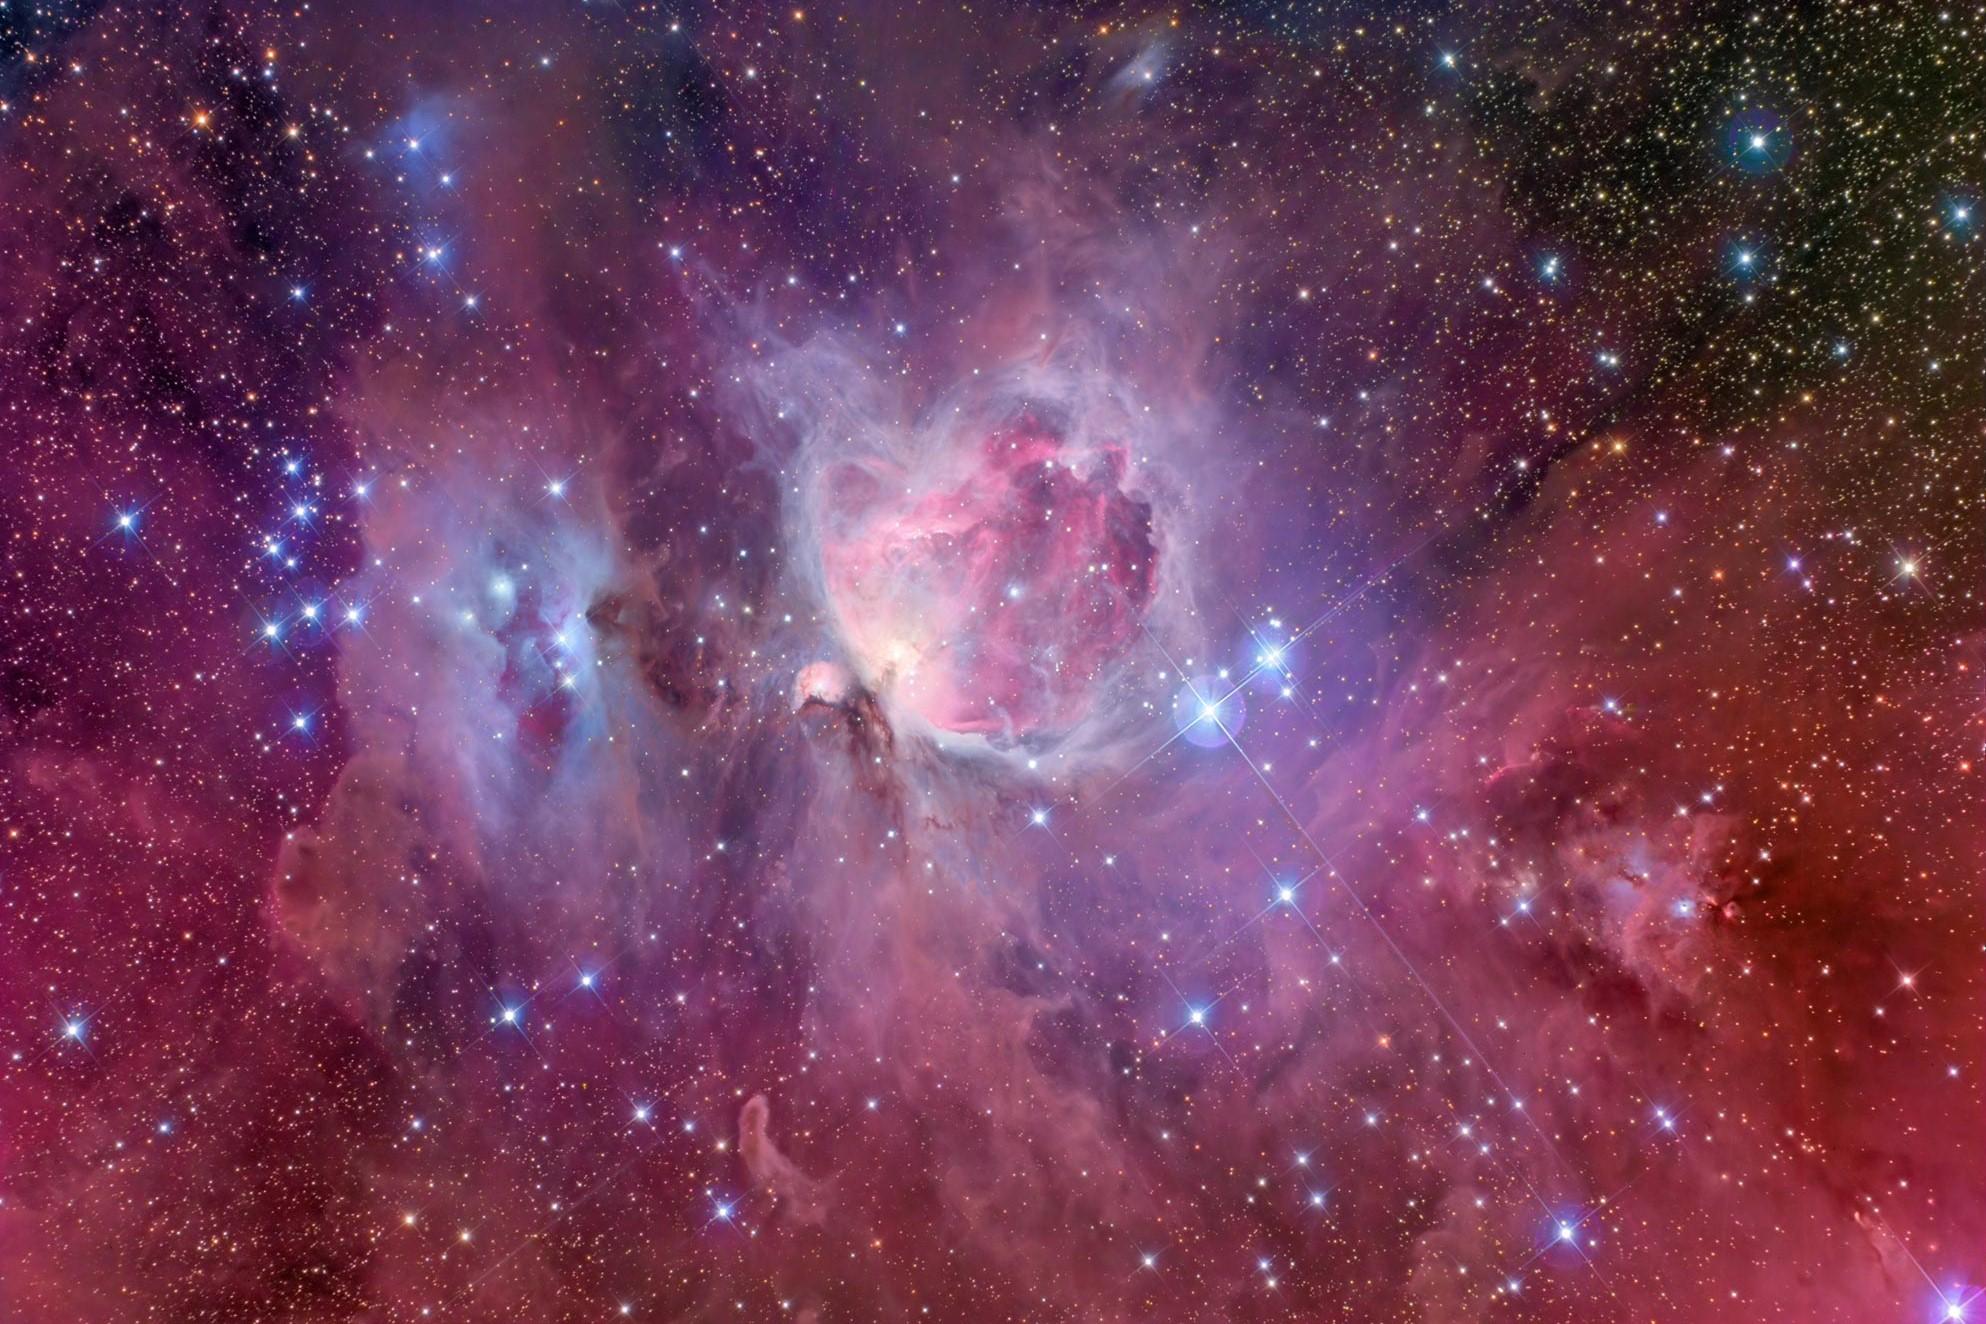 skinit galaxy orion nebula - photo #12